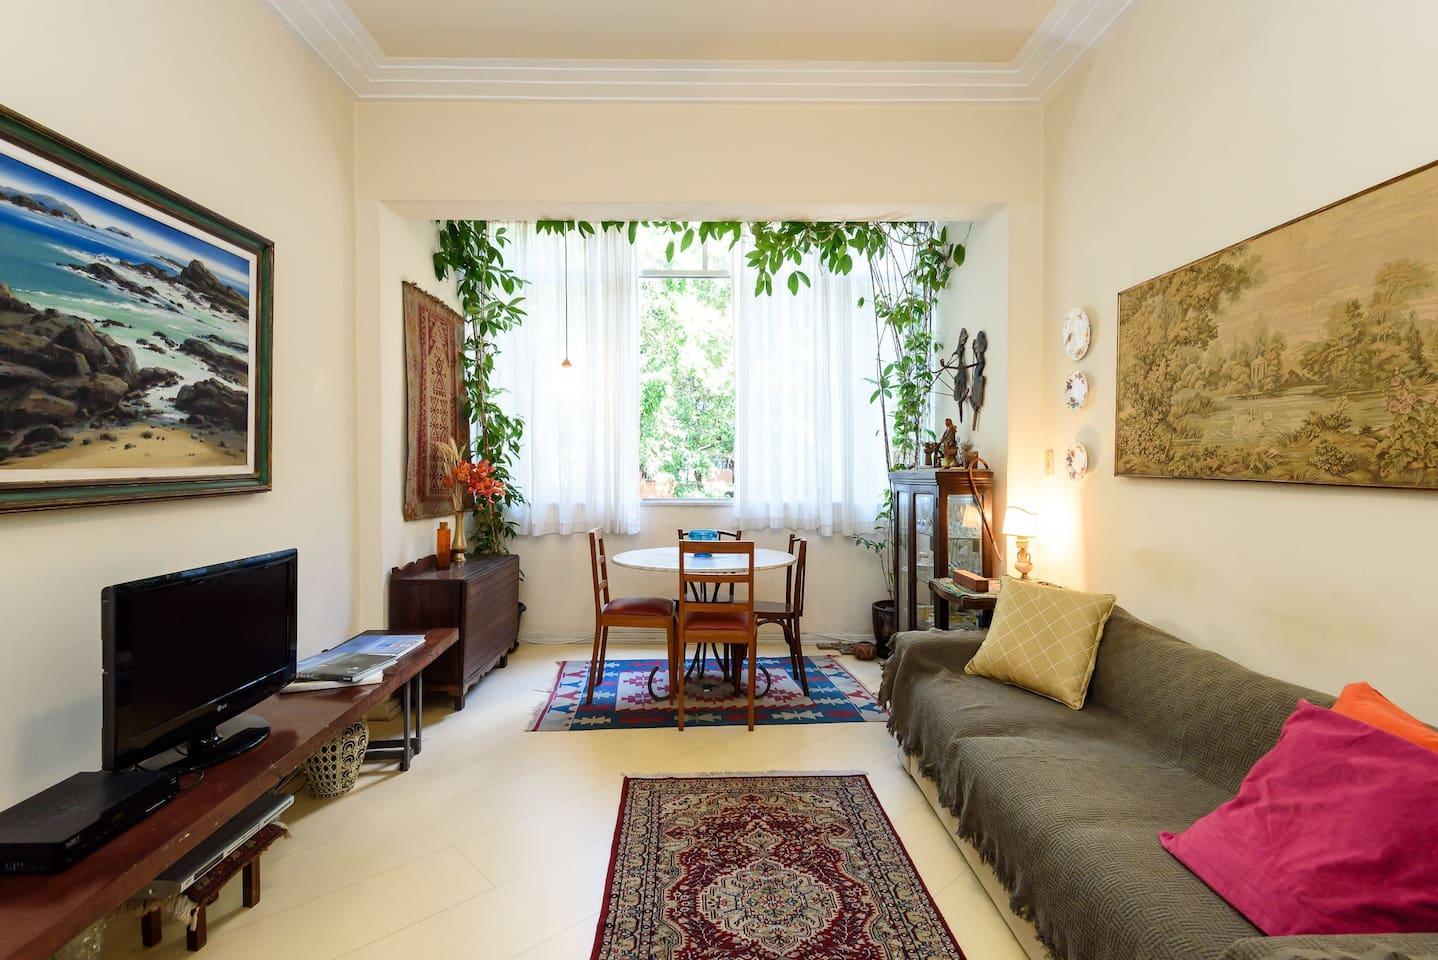 Sala com Tv a cabo, sofá e mesa de jantar